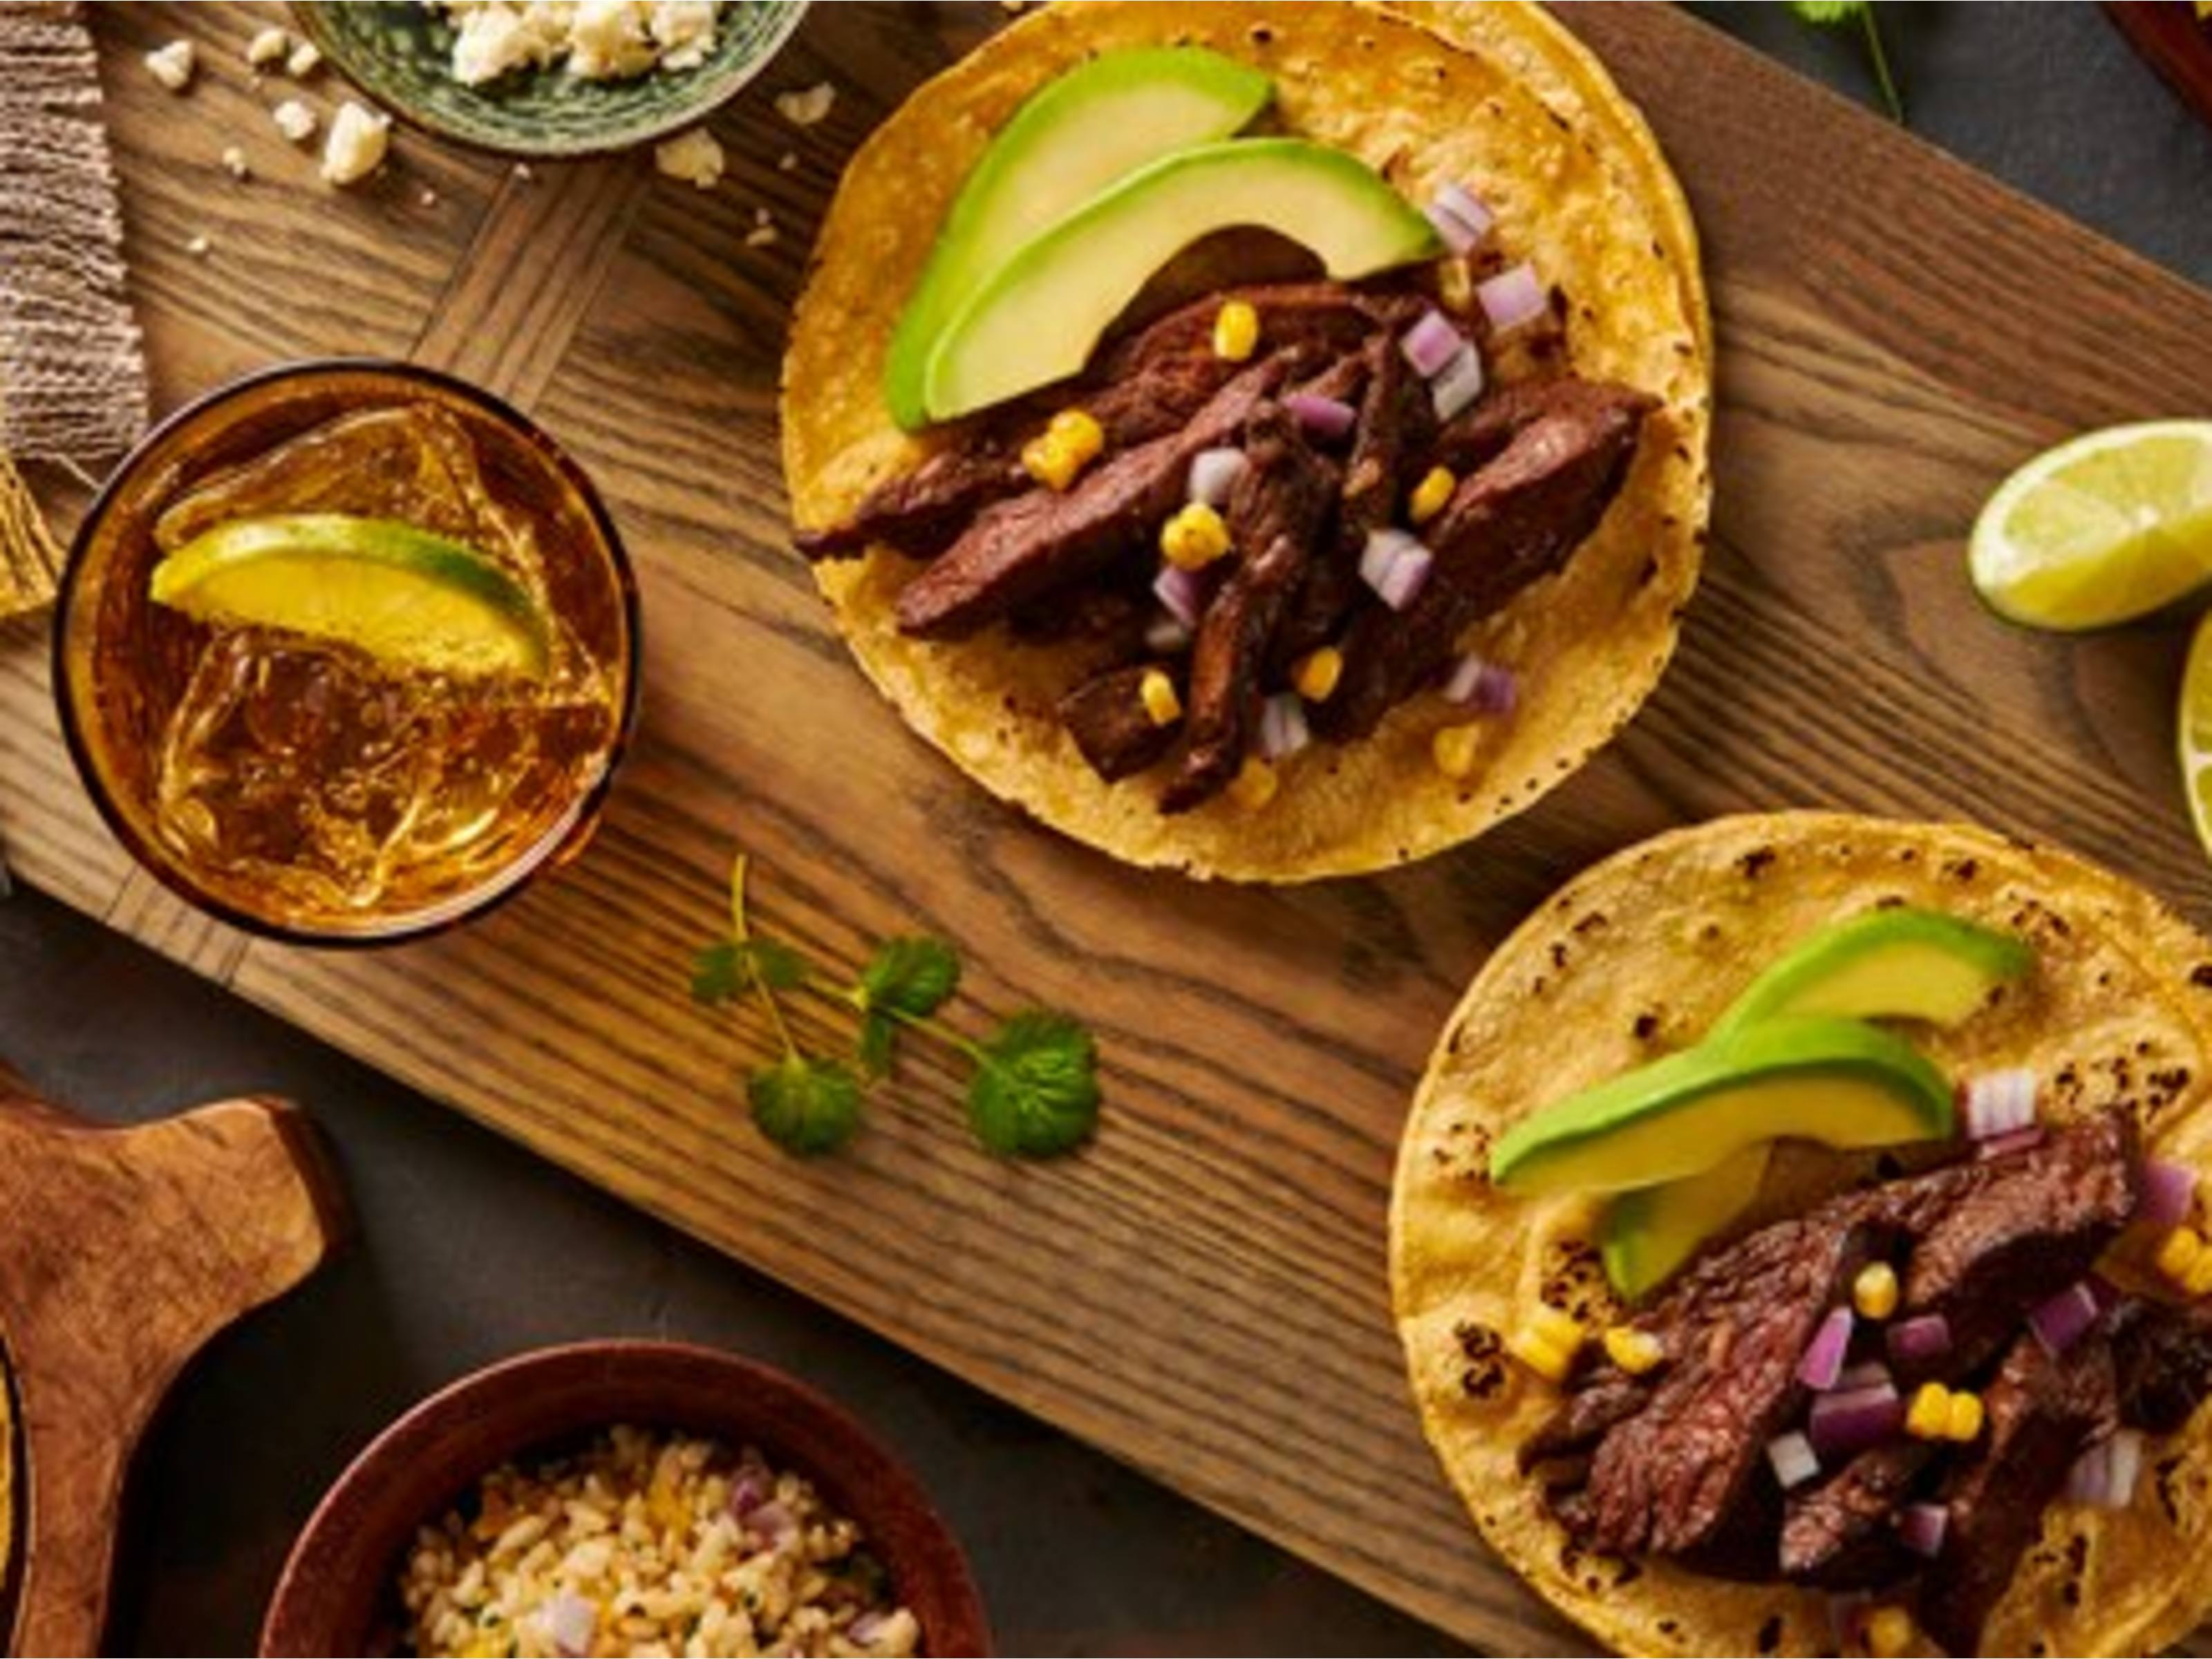 Tacos de carne asada y chile ancho